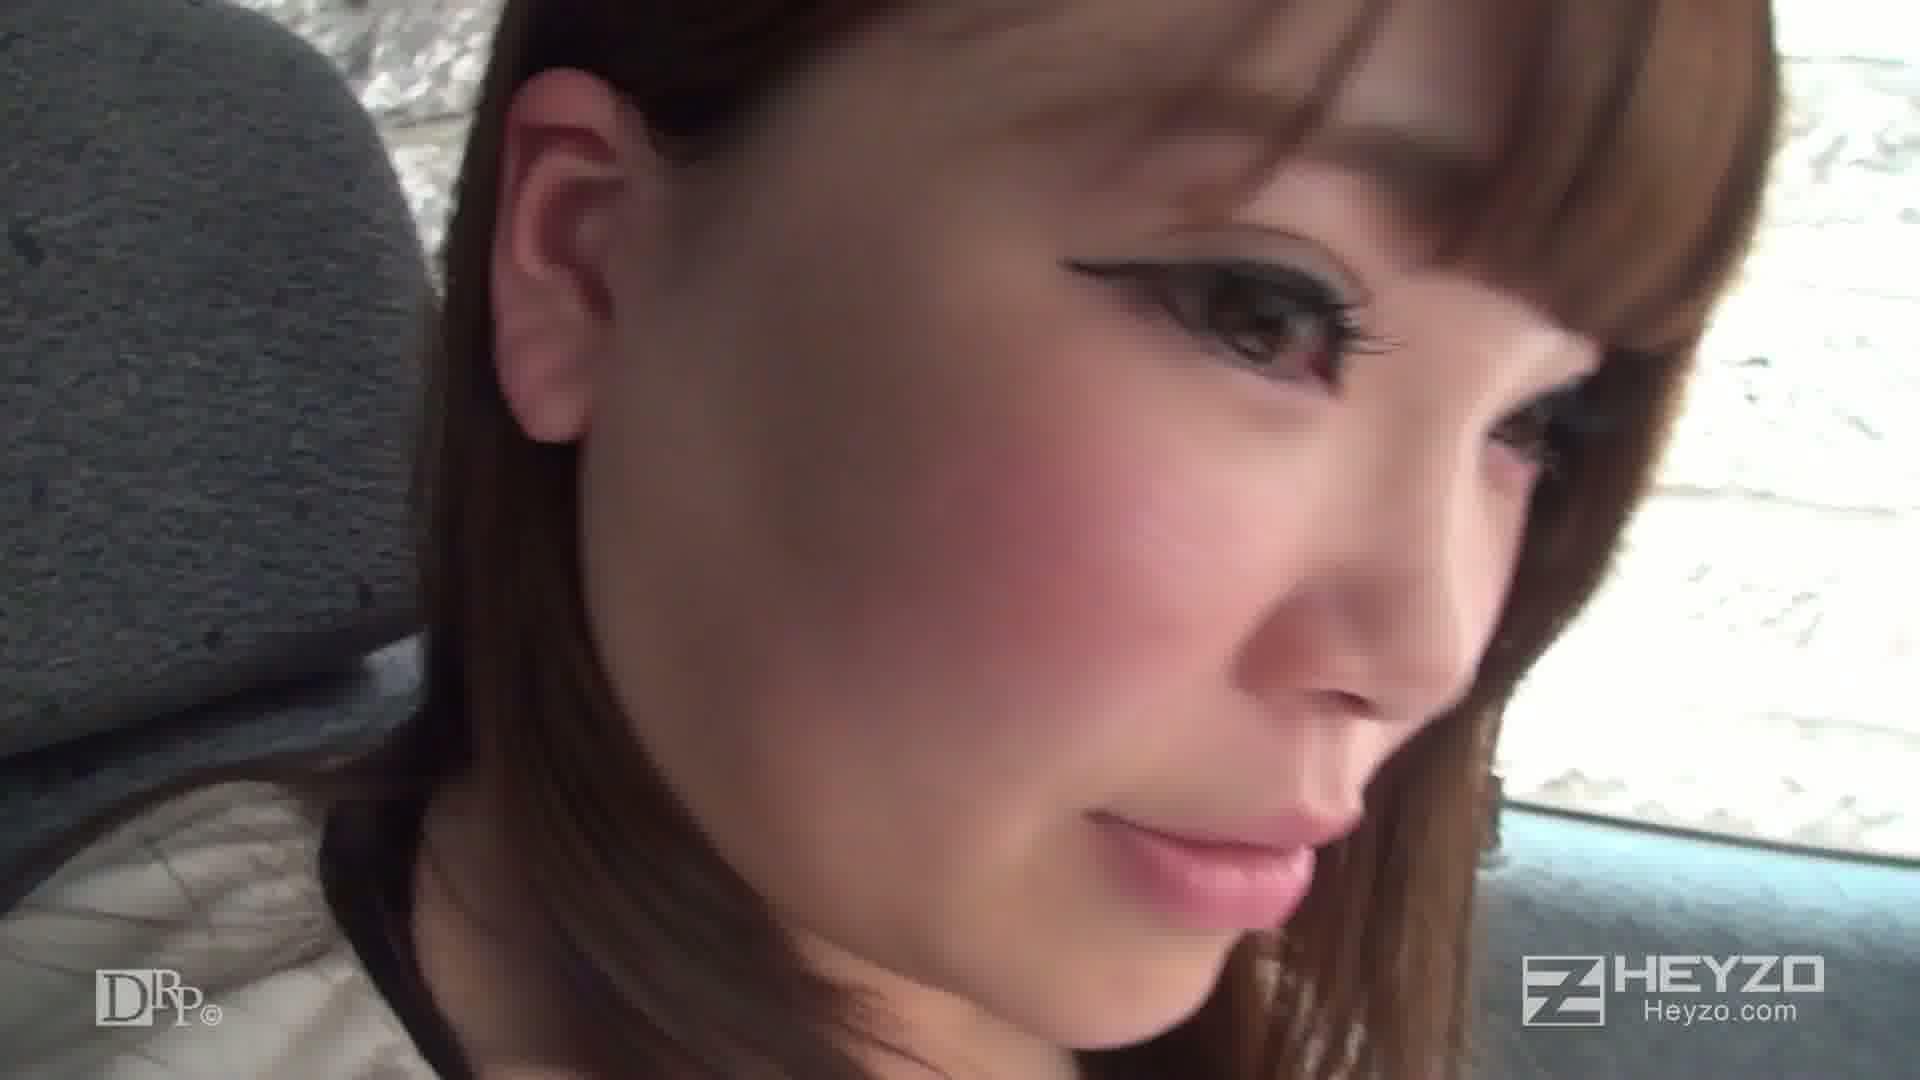 流れで中出しされまくる素人  前編 - 湯川あゆみ【ナンパ インタビュー】